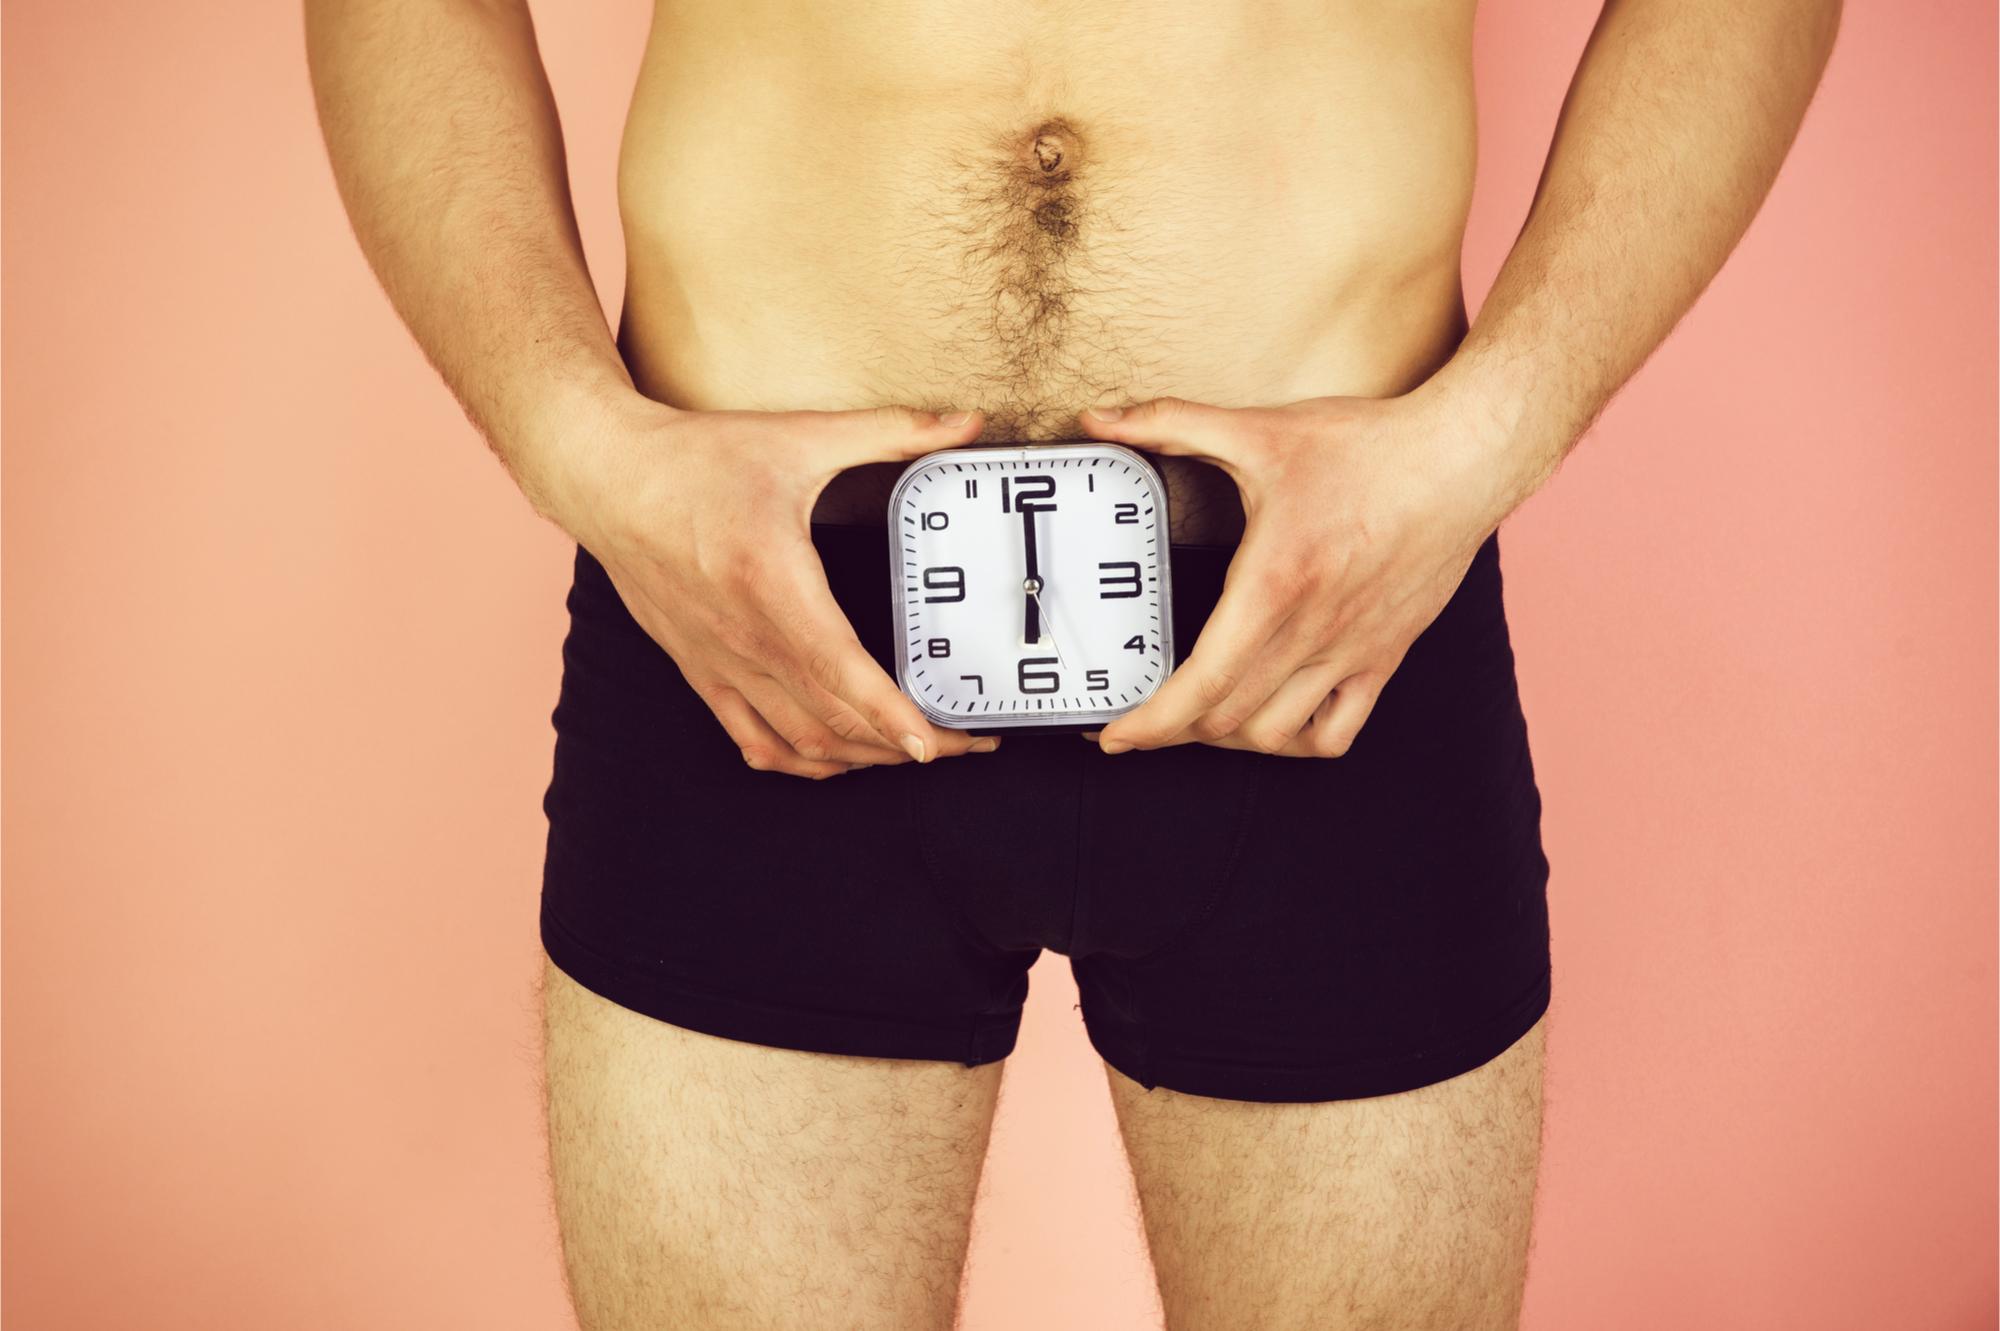 Hogyan lehet fenntartani az erekciót az életkorban